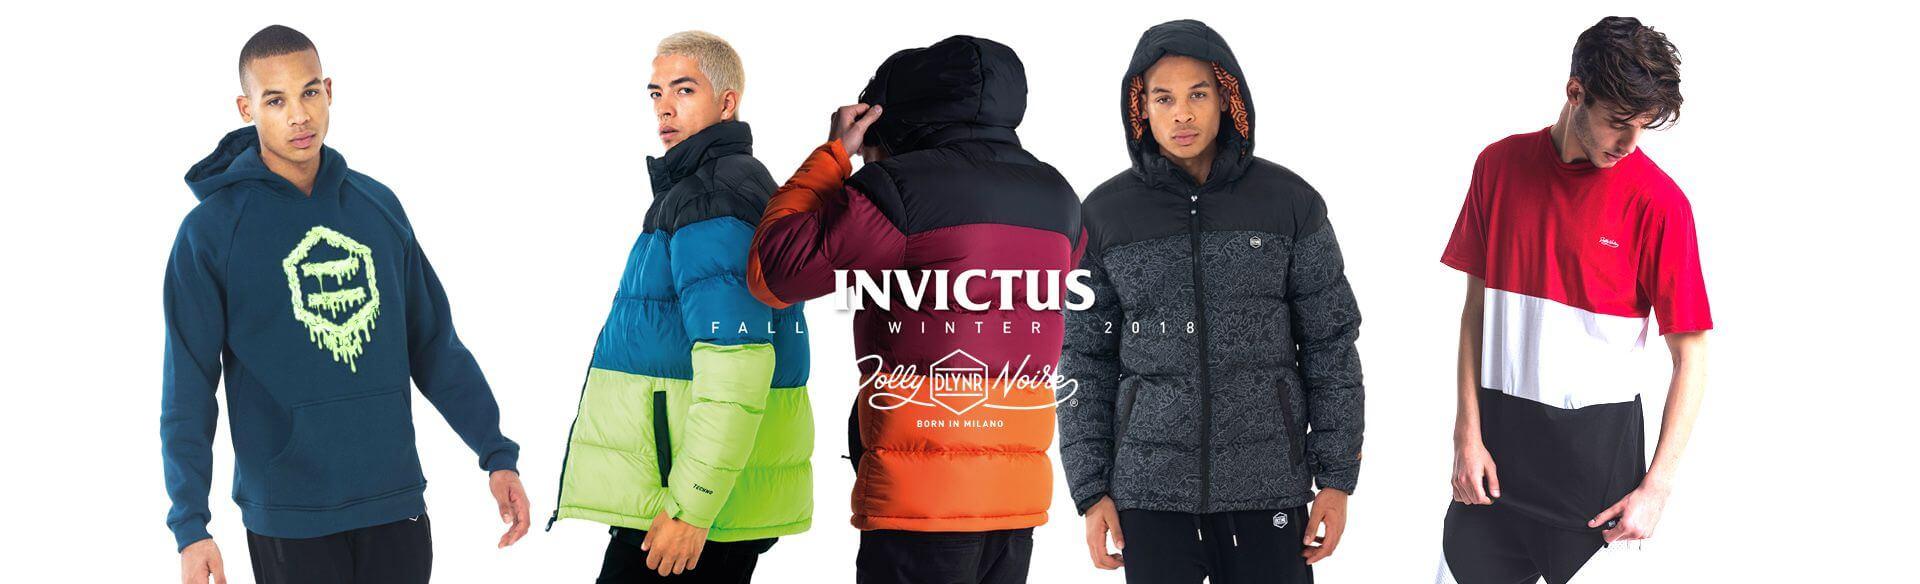 Fall Winter Invictus